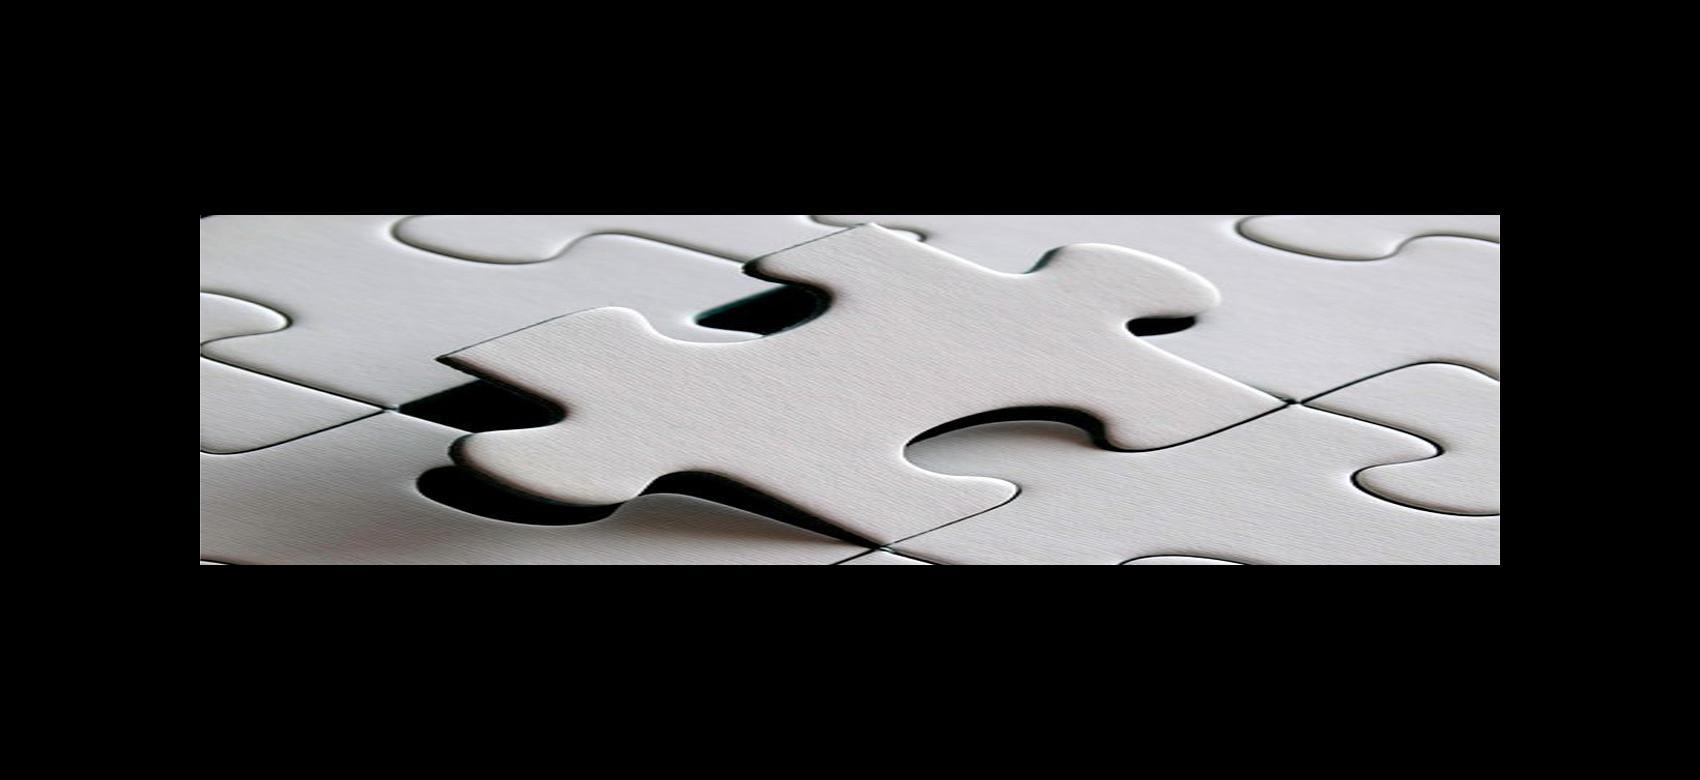 Puzzle de piezas en blanco encajadas con una ligeramente separada